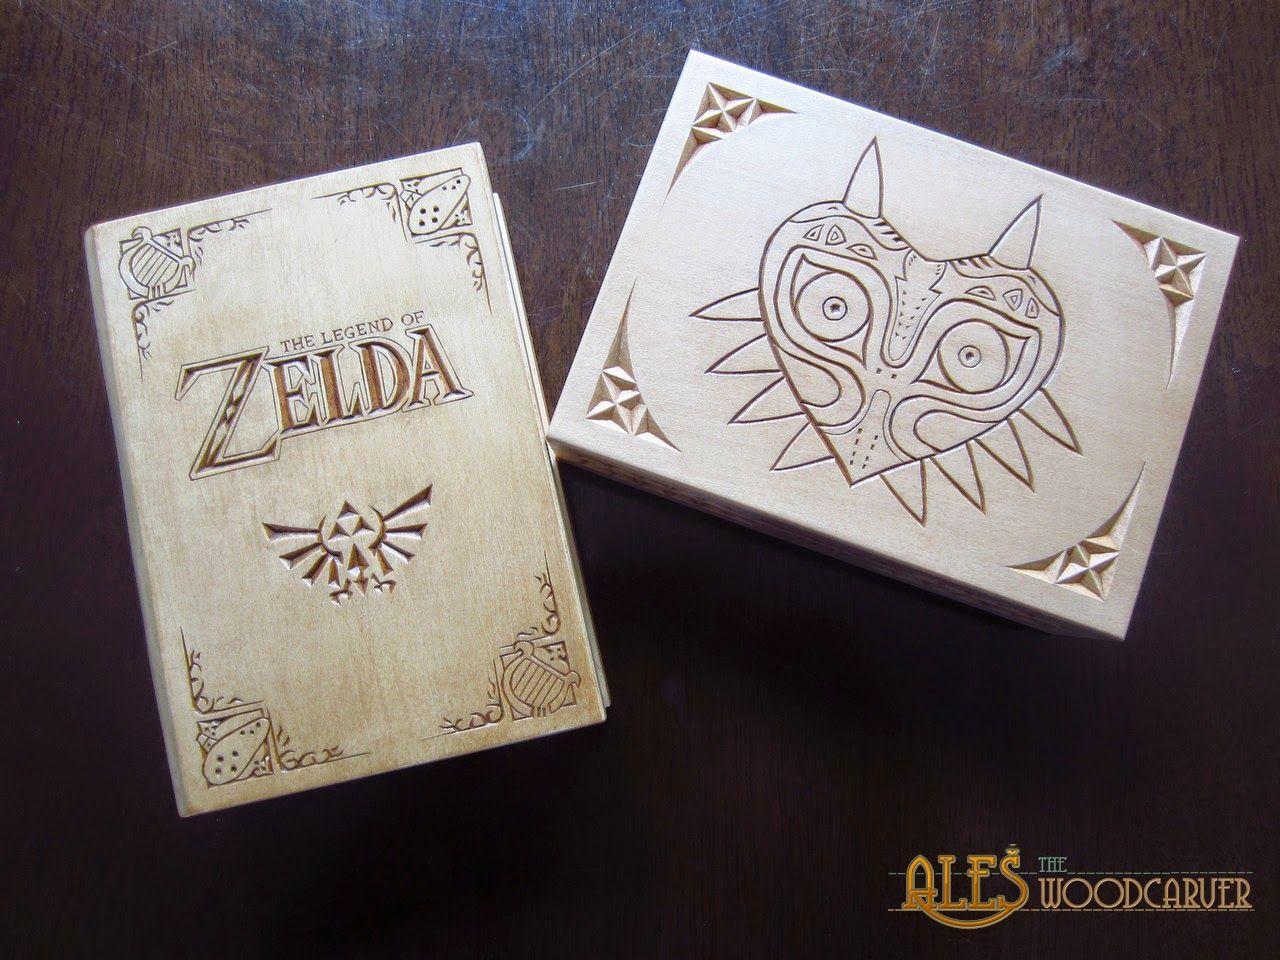 Legend of Zelda trinket boxes chip carved wood carving